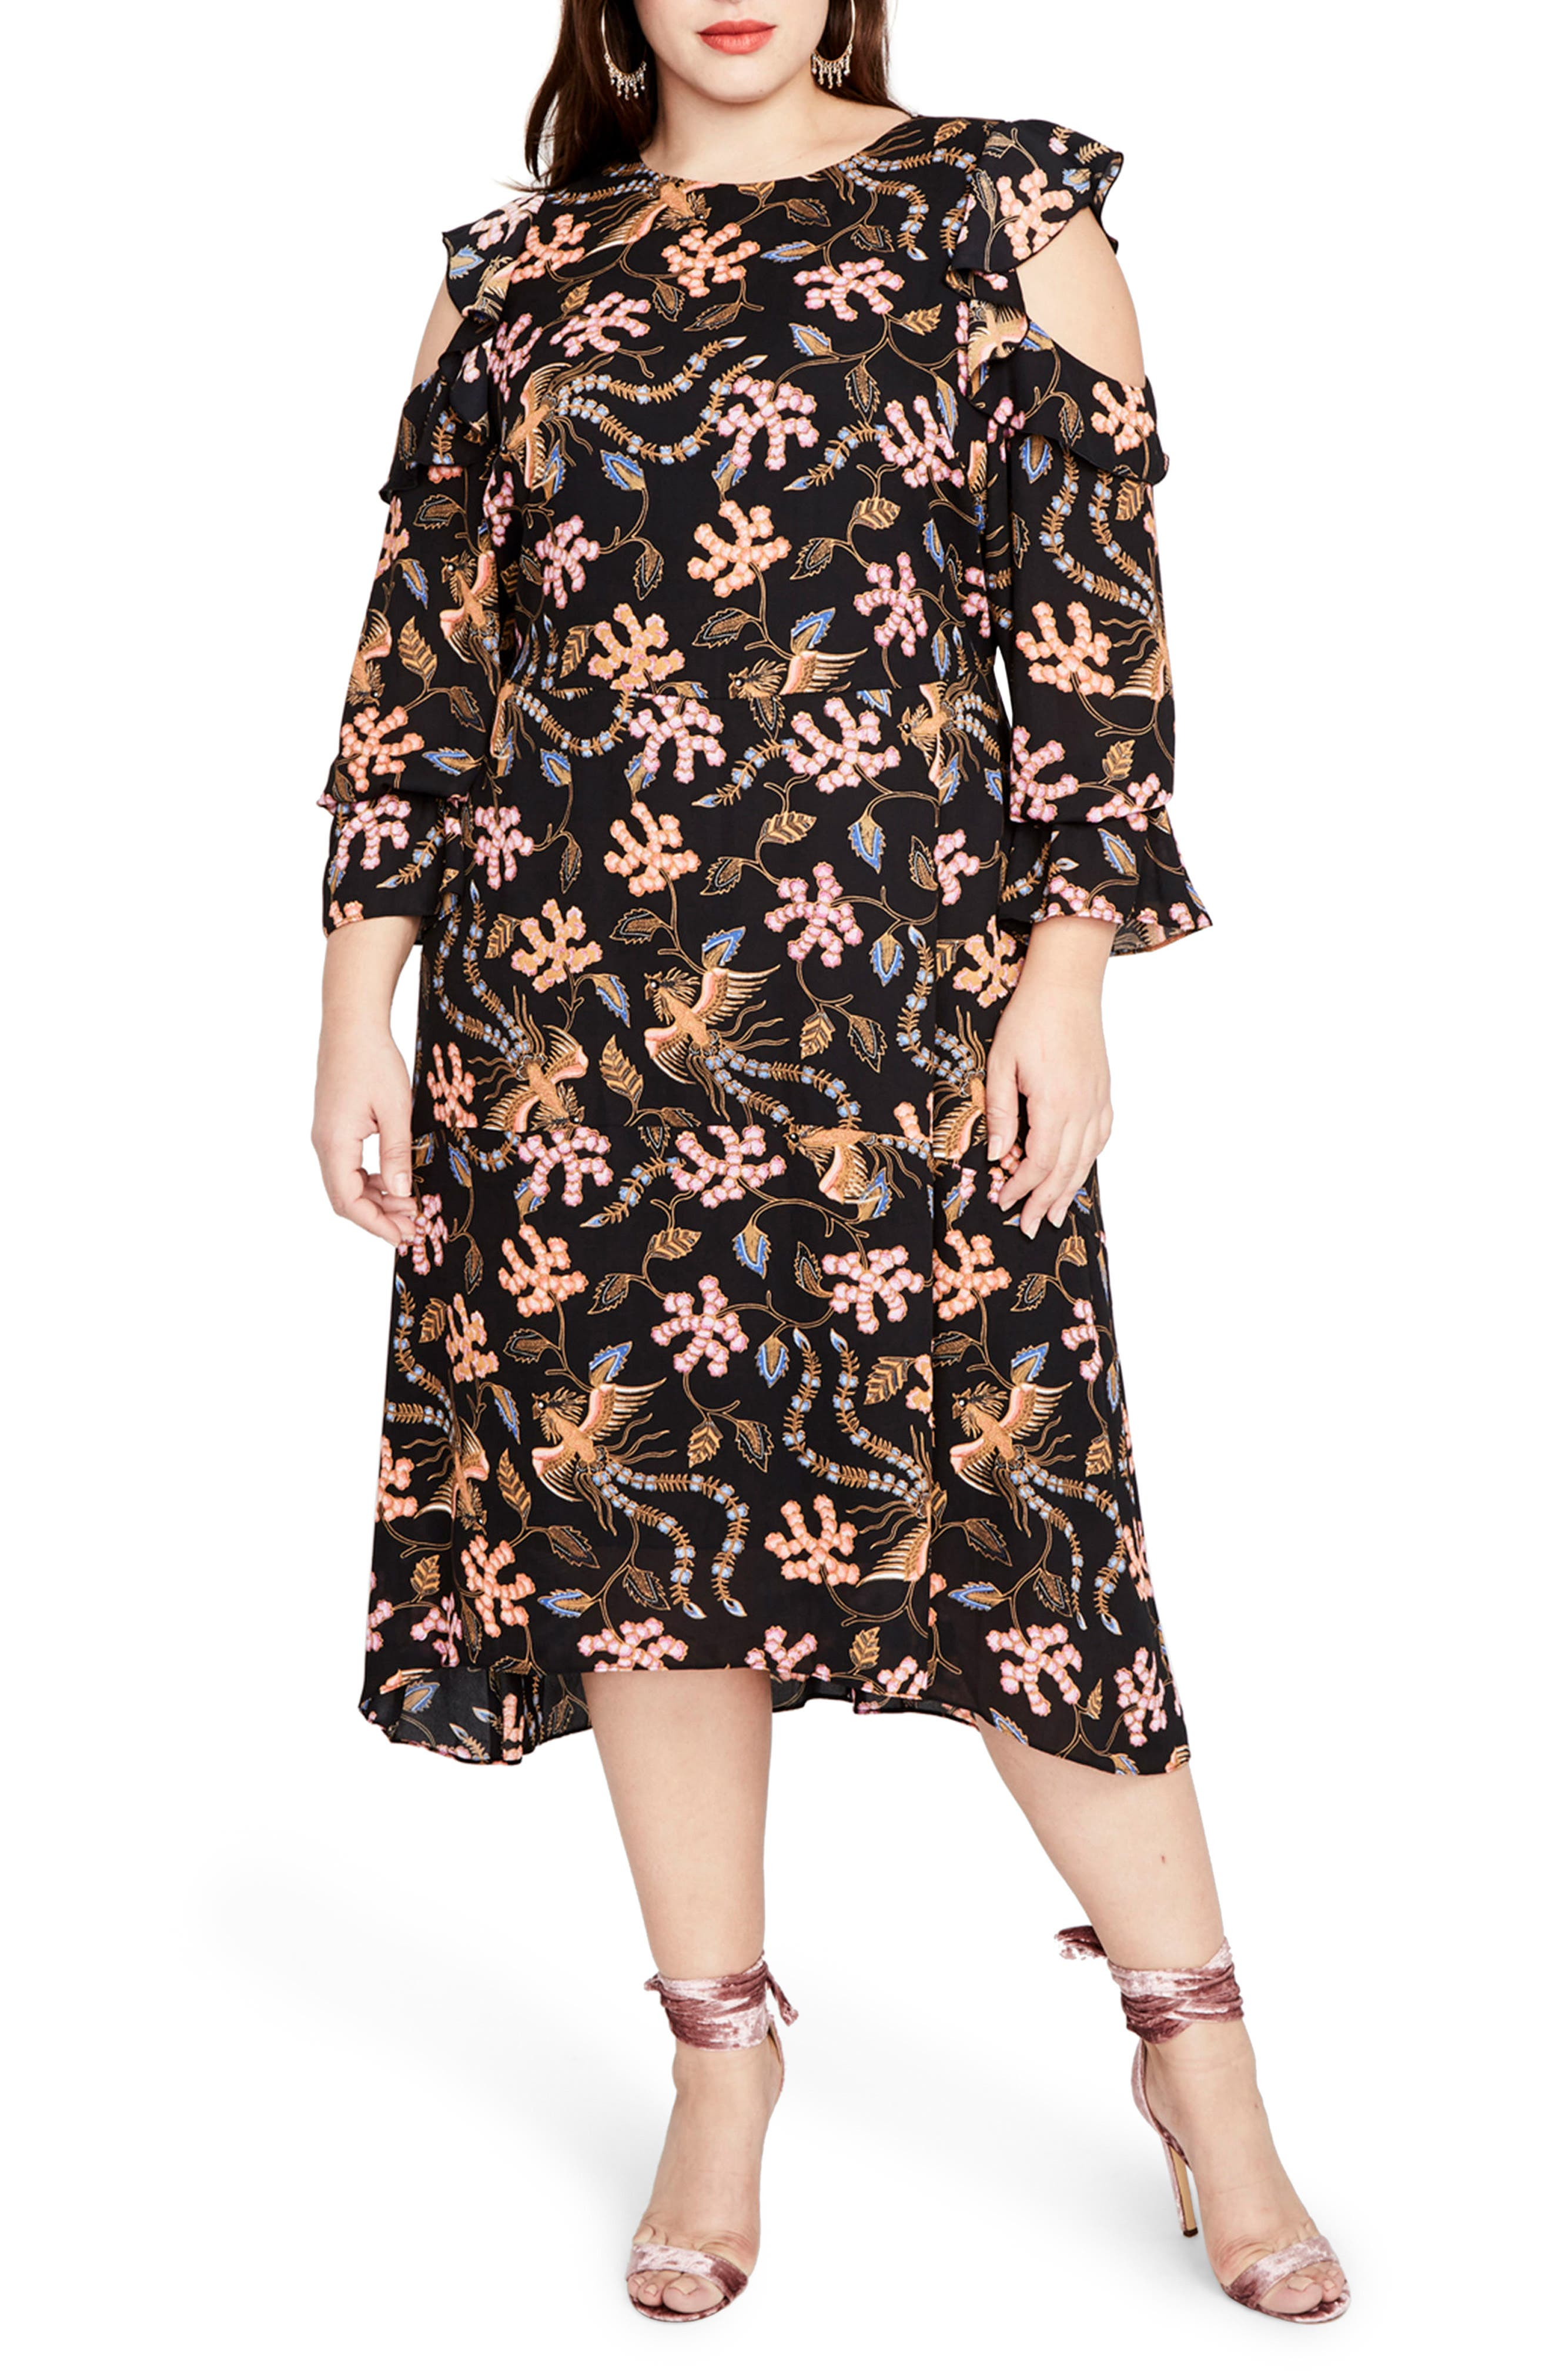 Main Image - RACHEL BY Rachel Roy Cold Shoulder Ruffle Midi Dress (Plus Size)